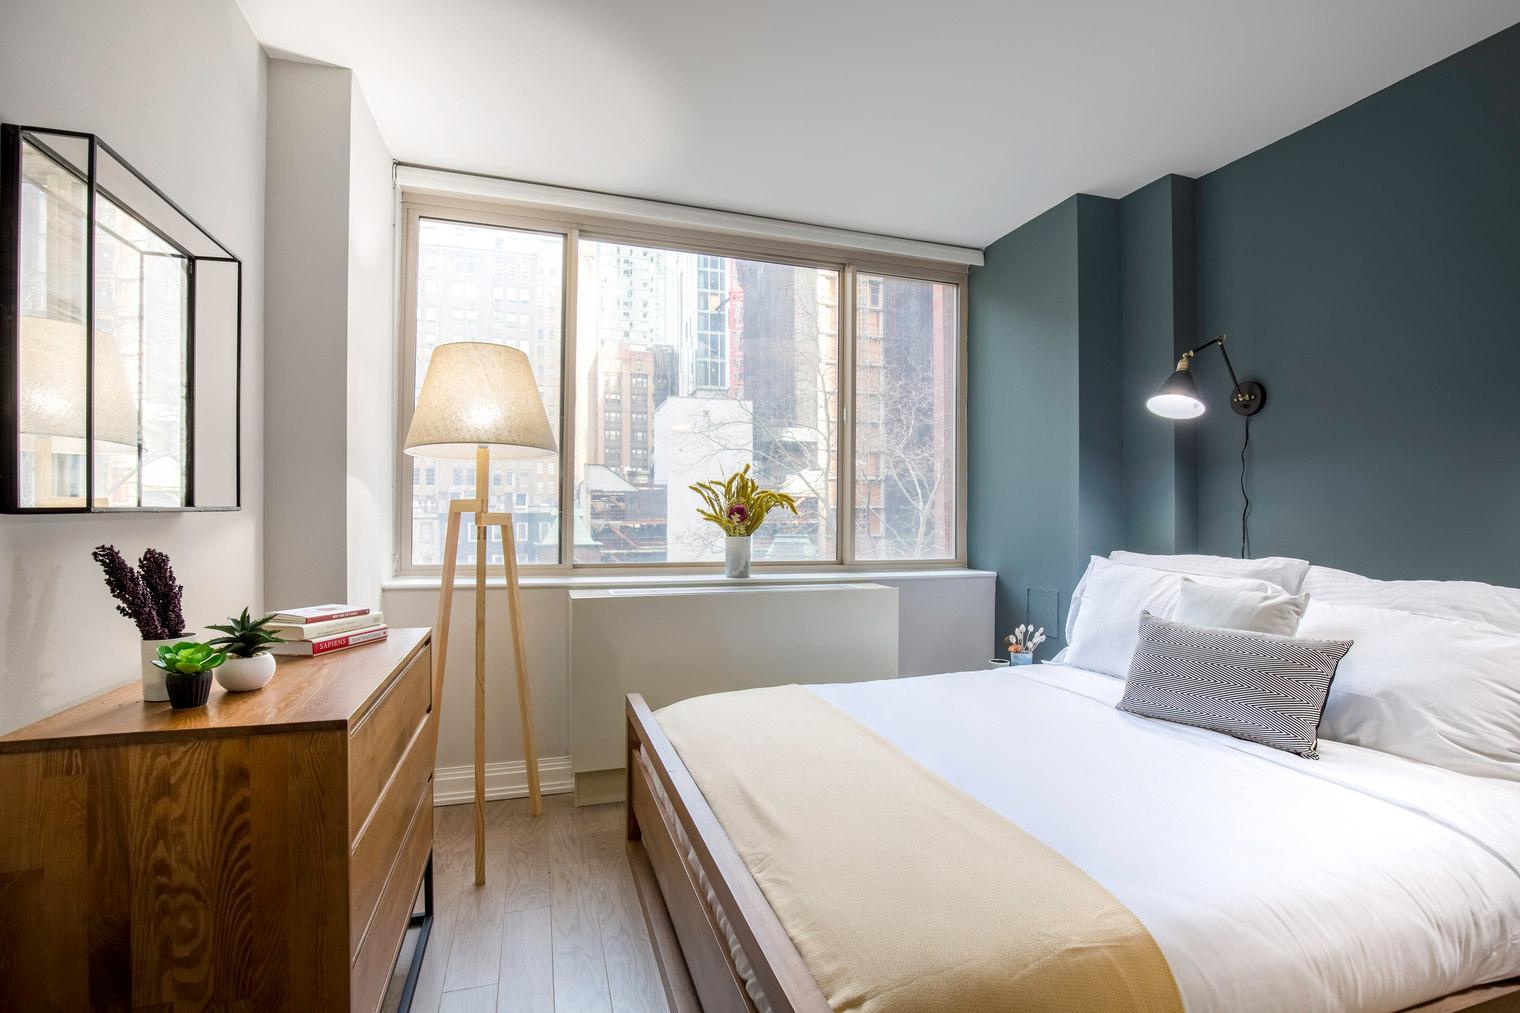 10 East 29th Street NoMad New York NY 10016